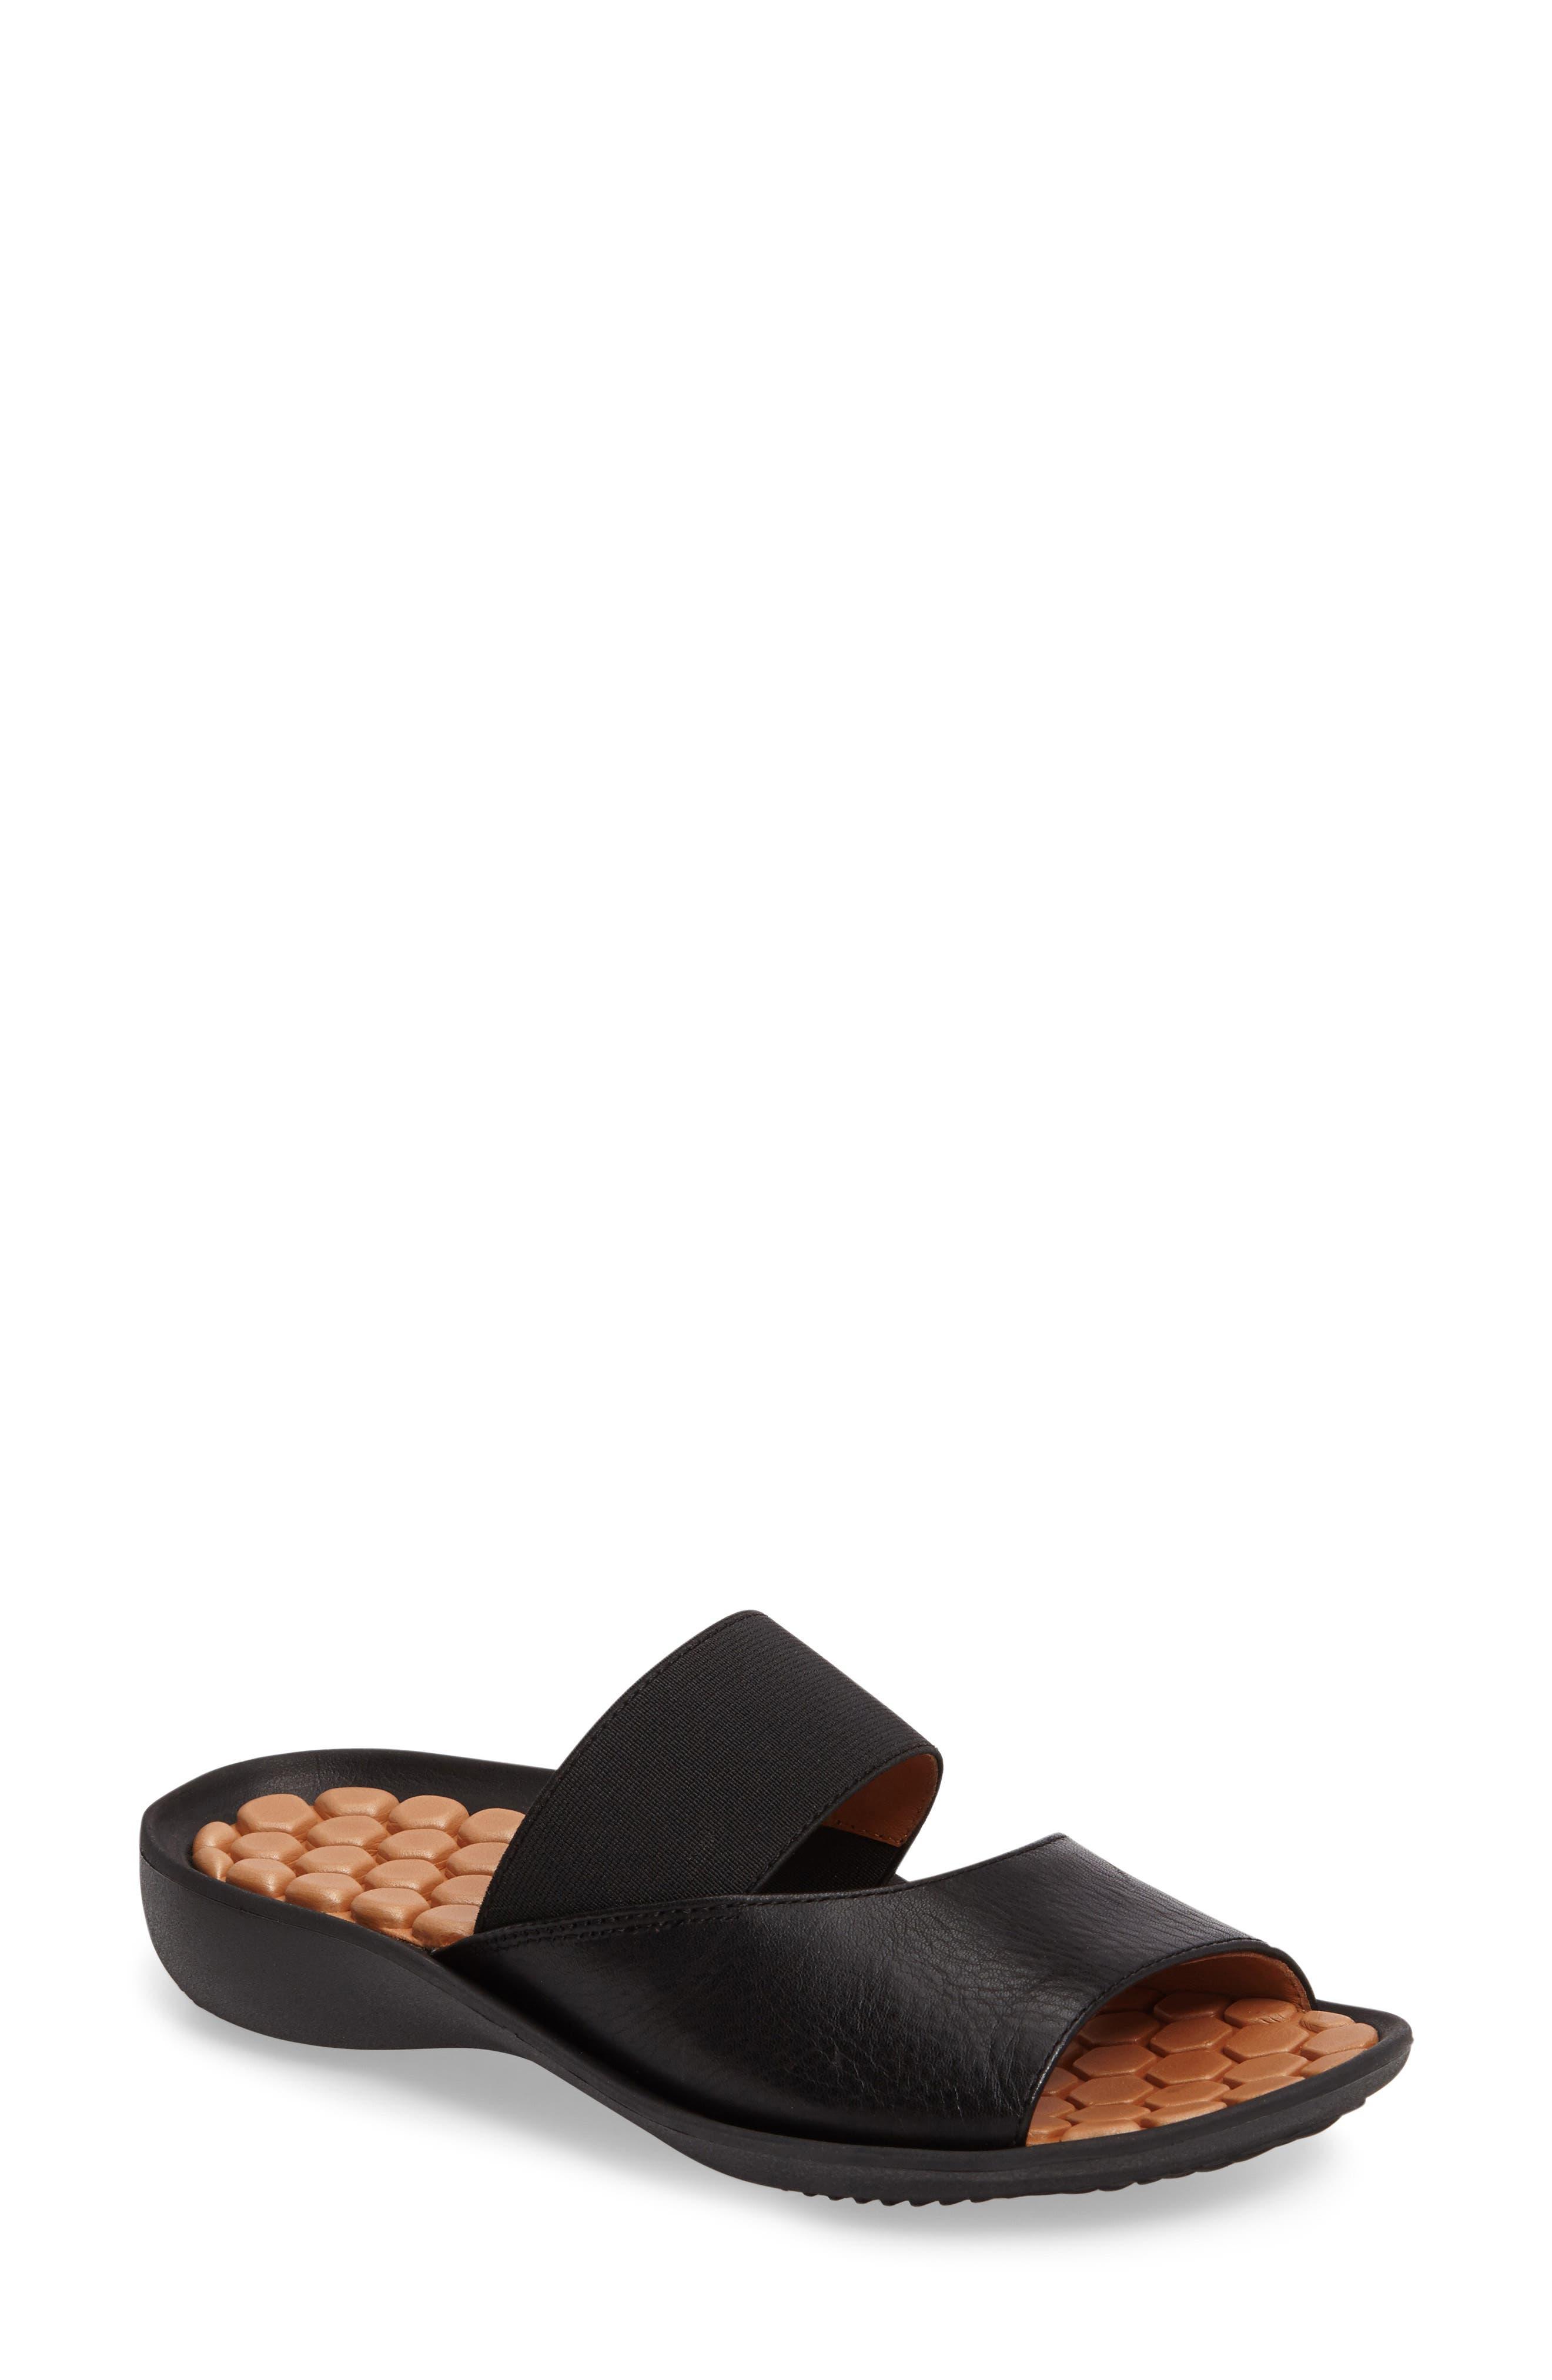 Northville Slide Sandal,                         Main,                         color, BLACK LEATHER